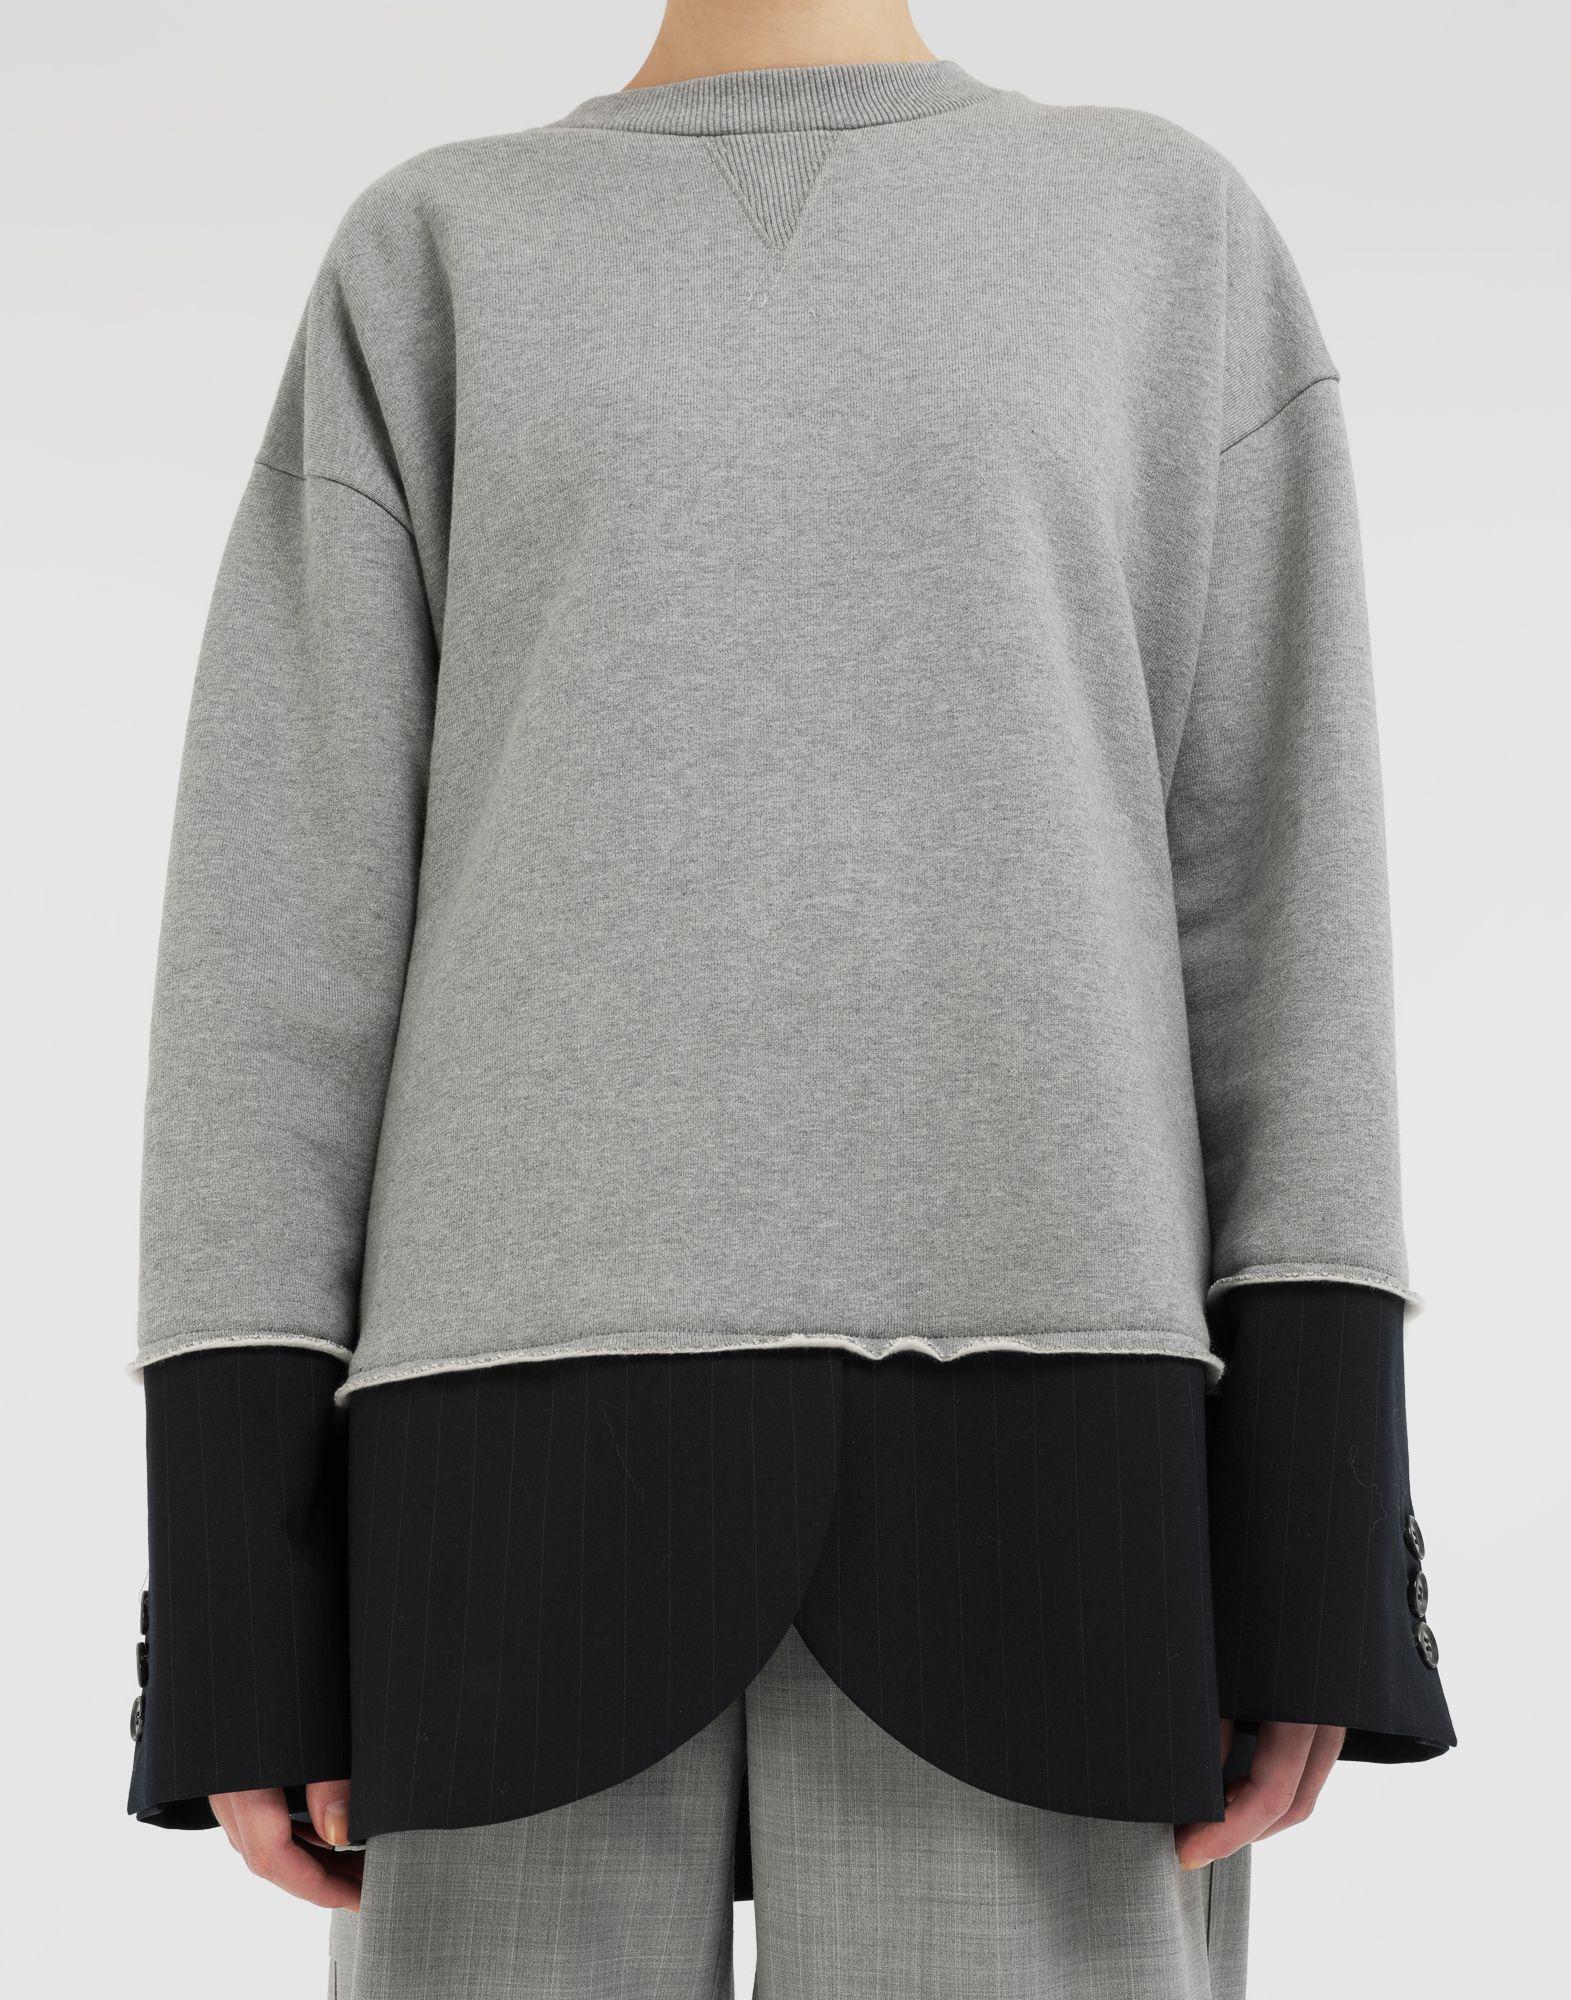 MM6 MAISON MARGIELA Spliced sweatshirt Sweatshirt Woman a